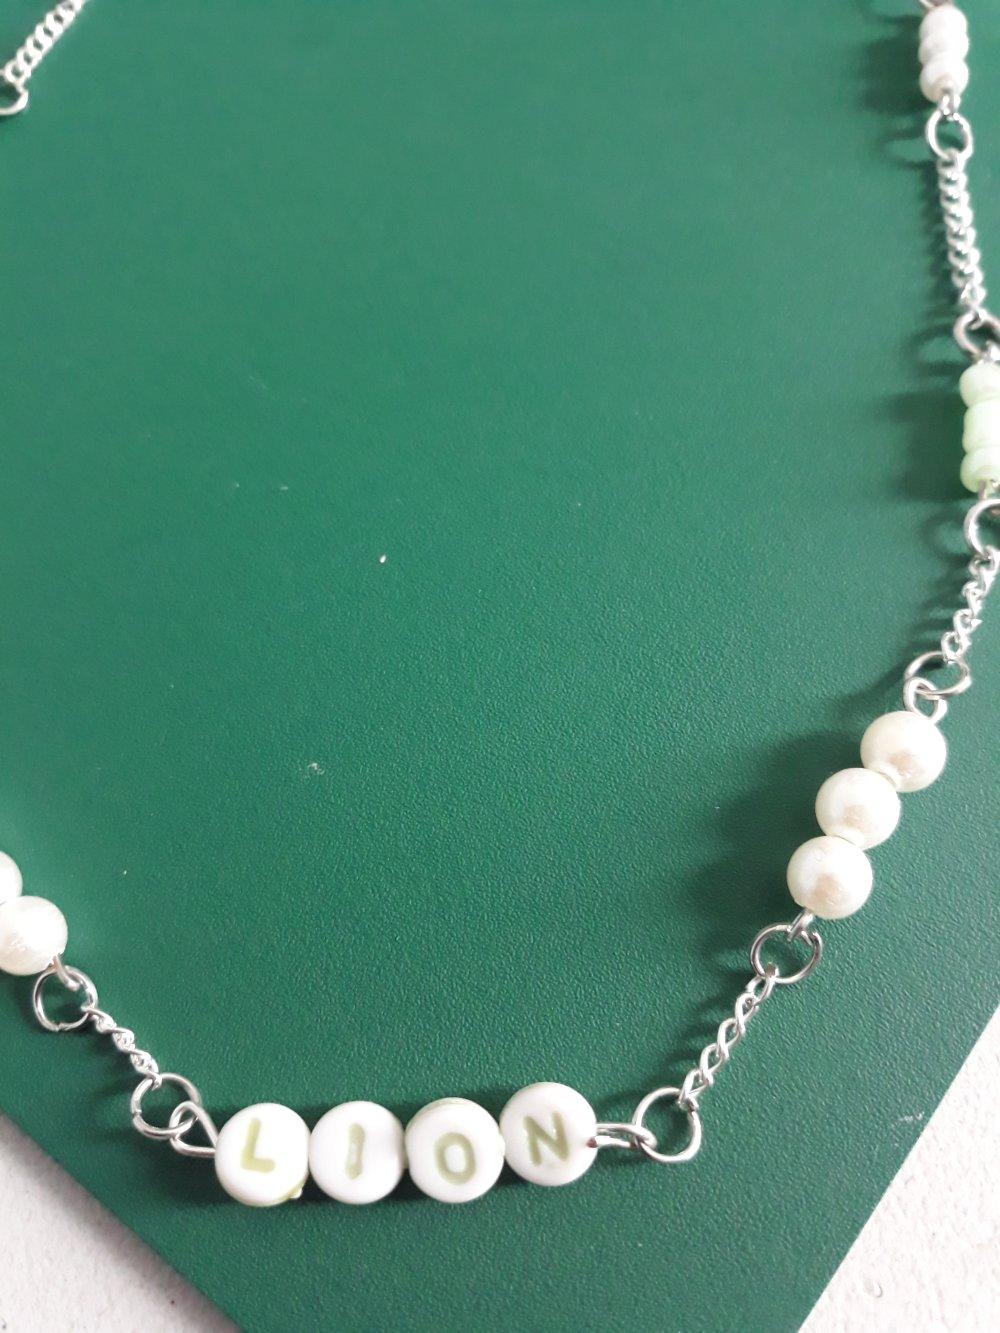 Un collier en argent en mailles fines, avec des perles en cristal blanc et des vertes  des perles incrusté de lettres